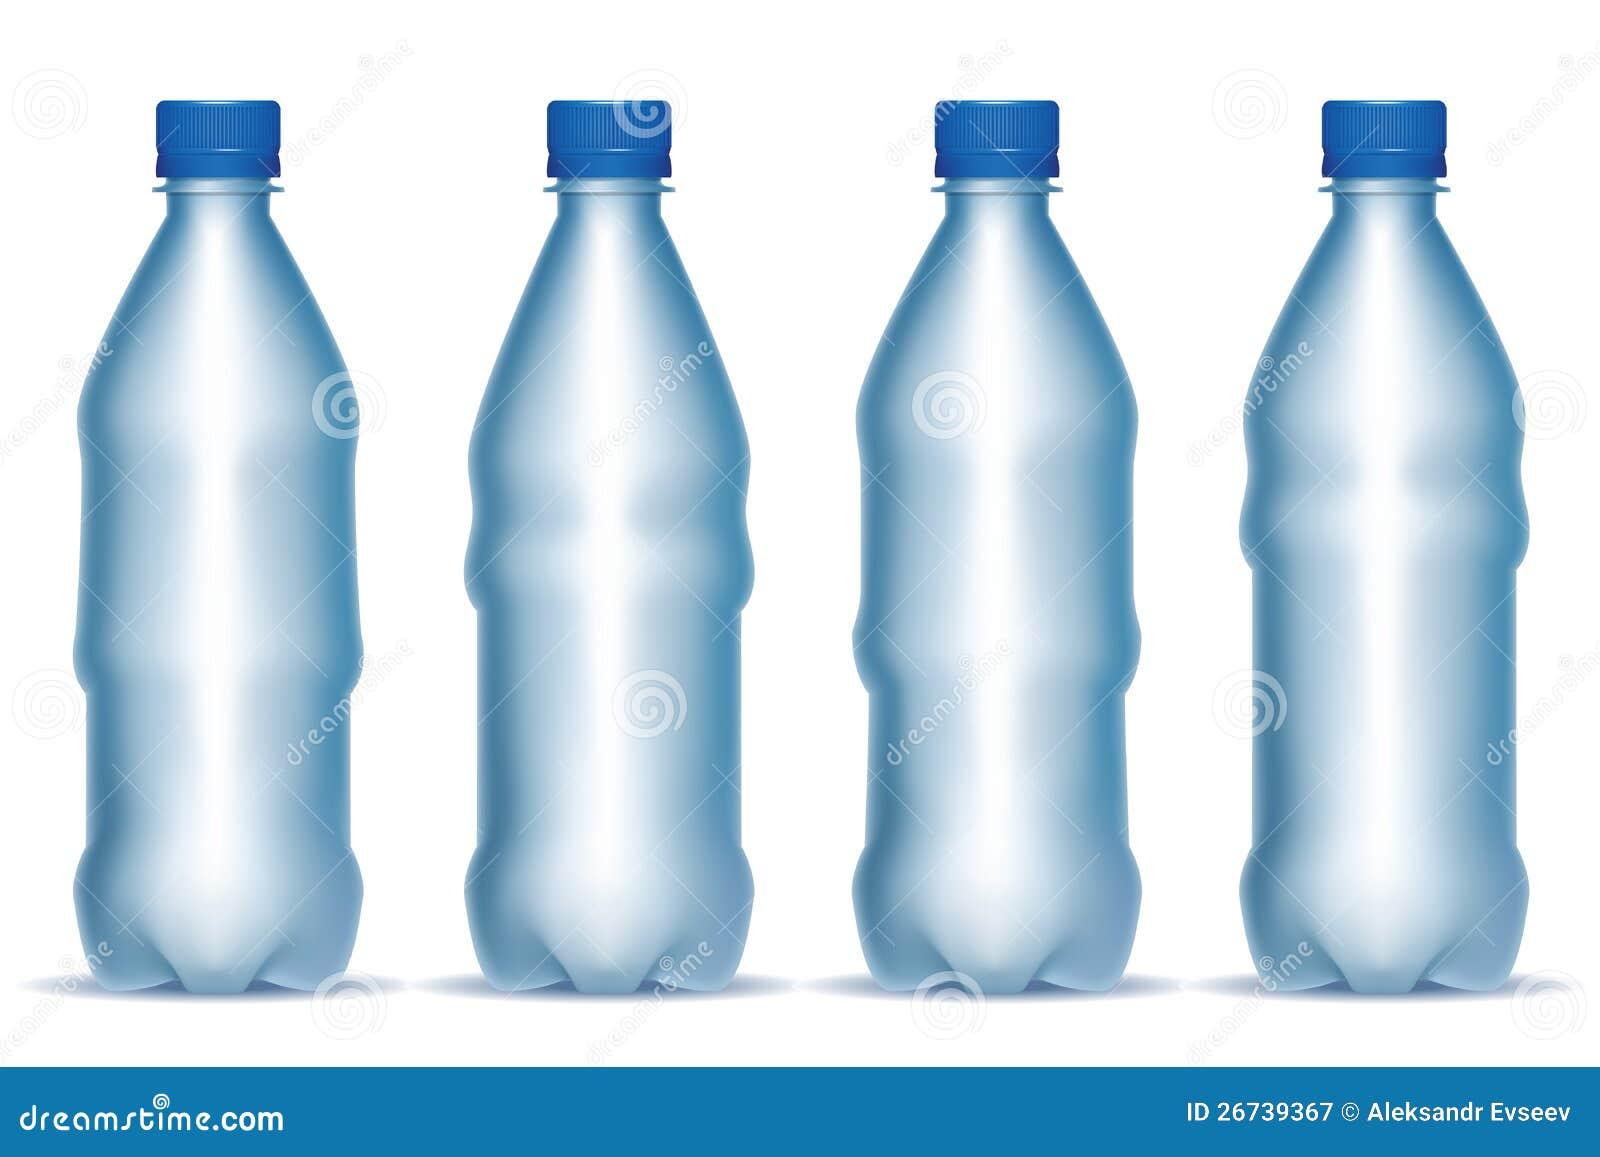 conjunto de botellas del plstico transparente fotografa de archivo libre de regalas